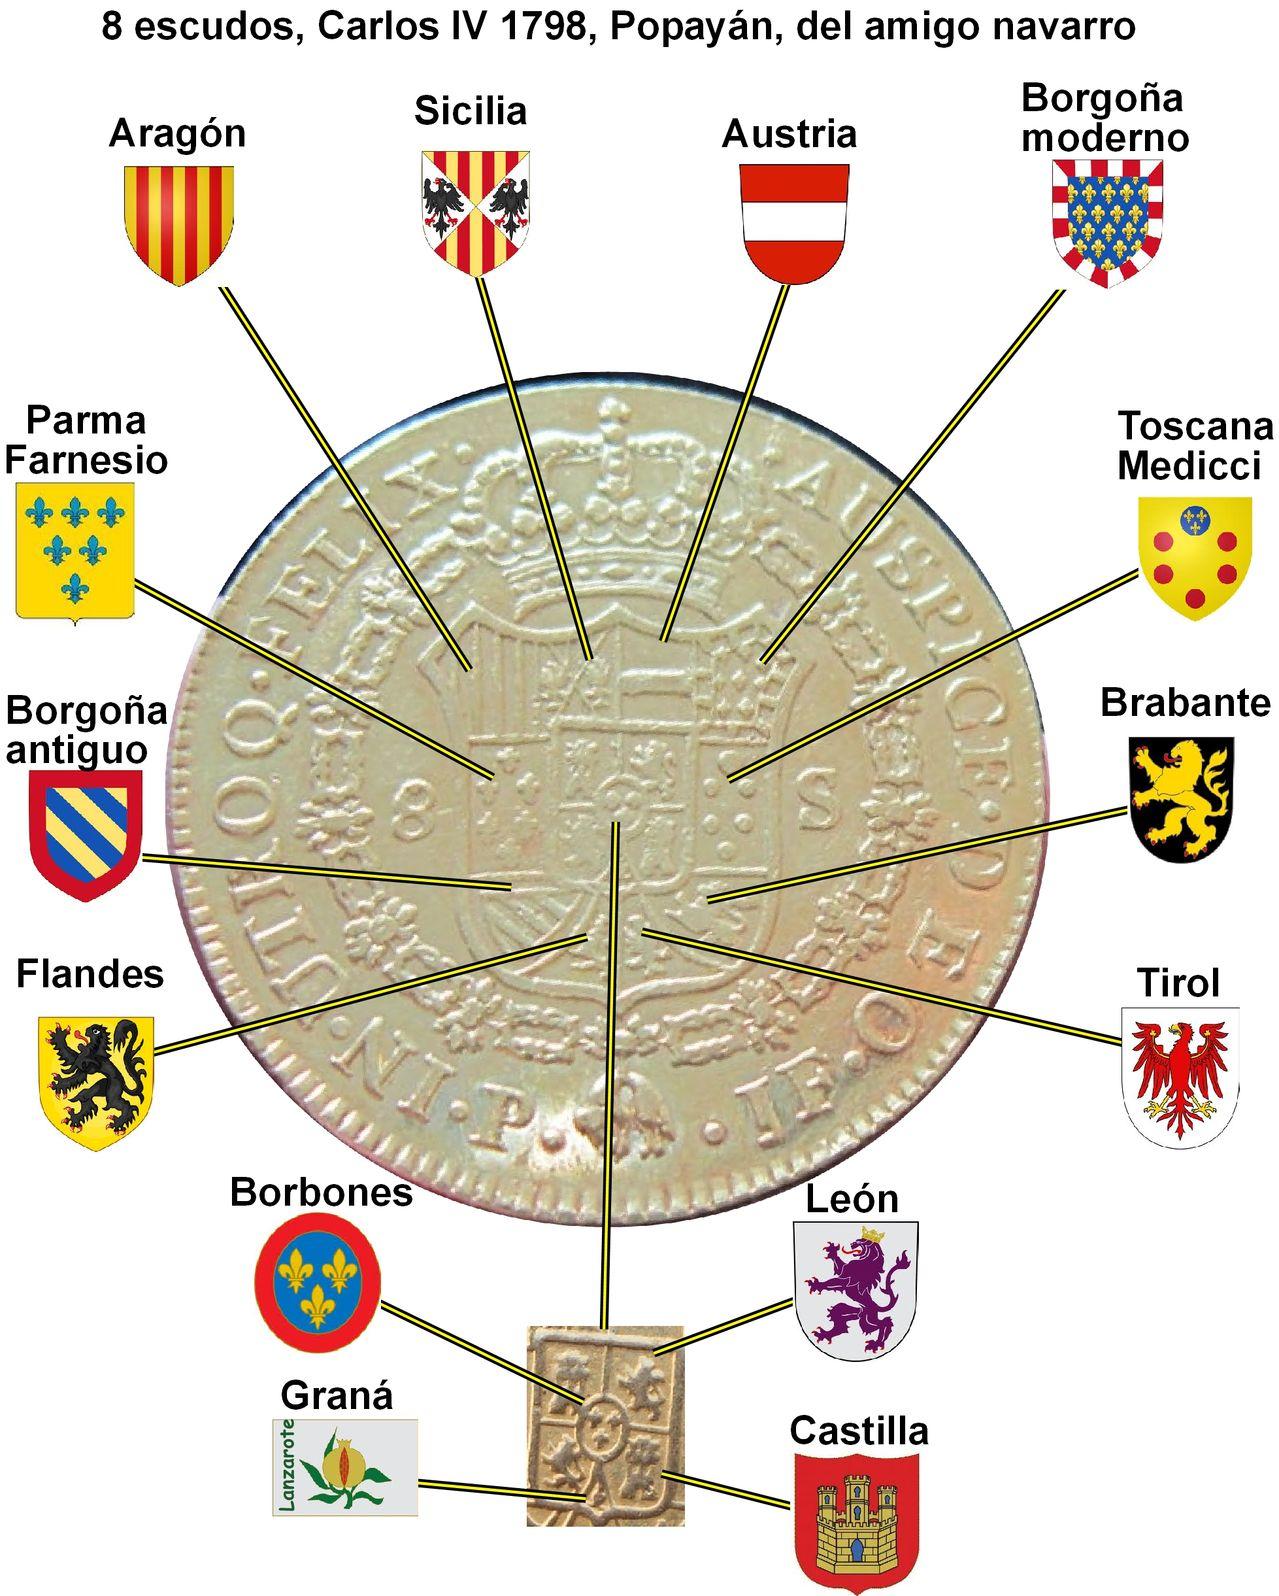 8 Escudos 1798. Carlos IV. Santa Fe de Nuevo Reino 1798